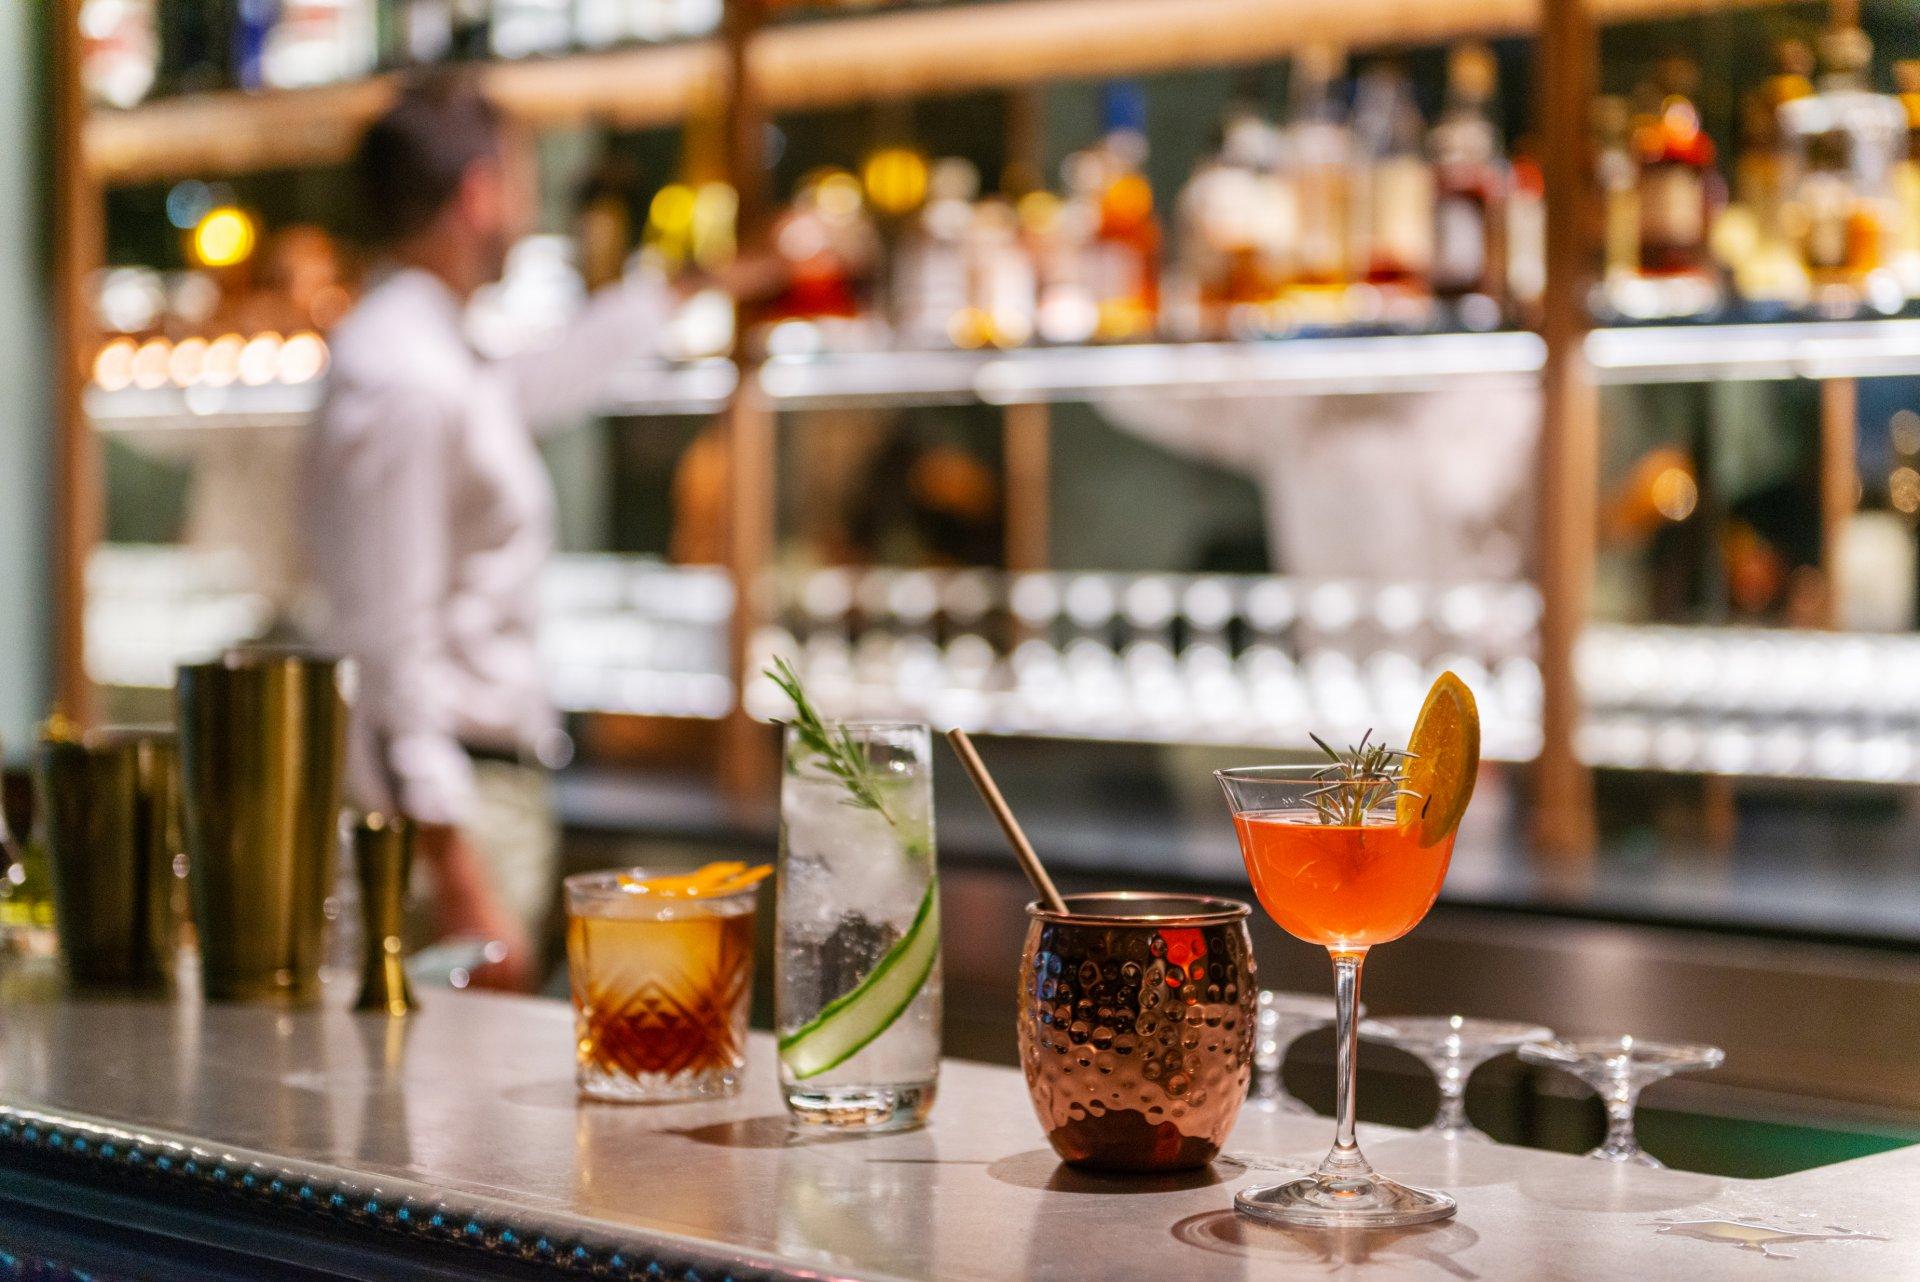 Repas entreprise au vert dans un restaurant rempli d'histoire restaurant groupe Ville d'Avray 92